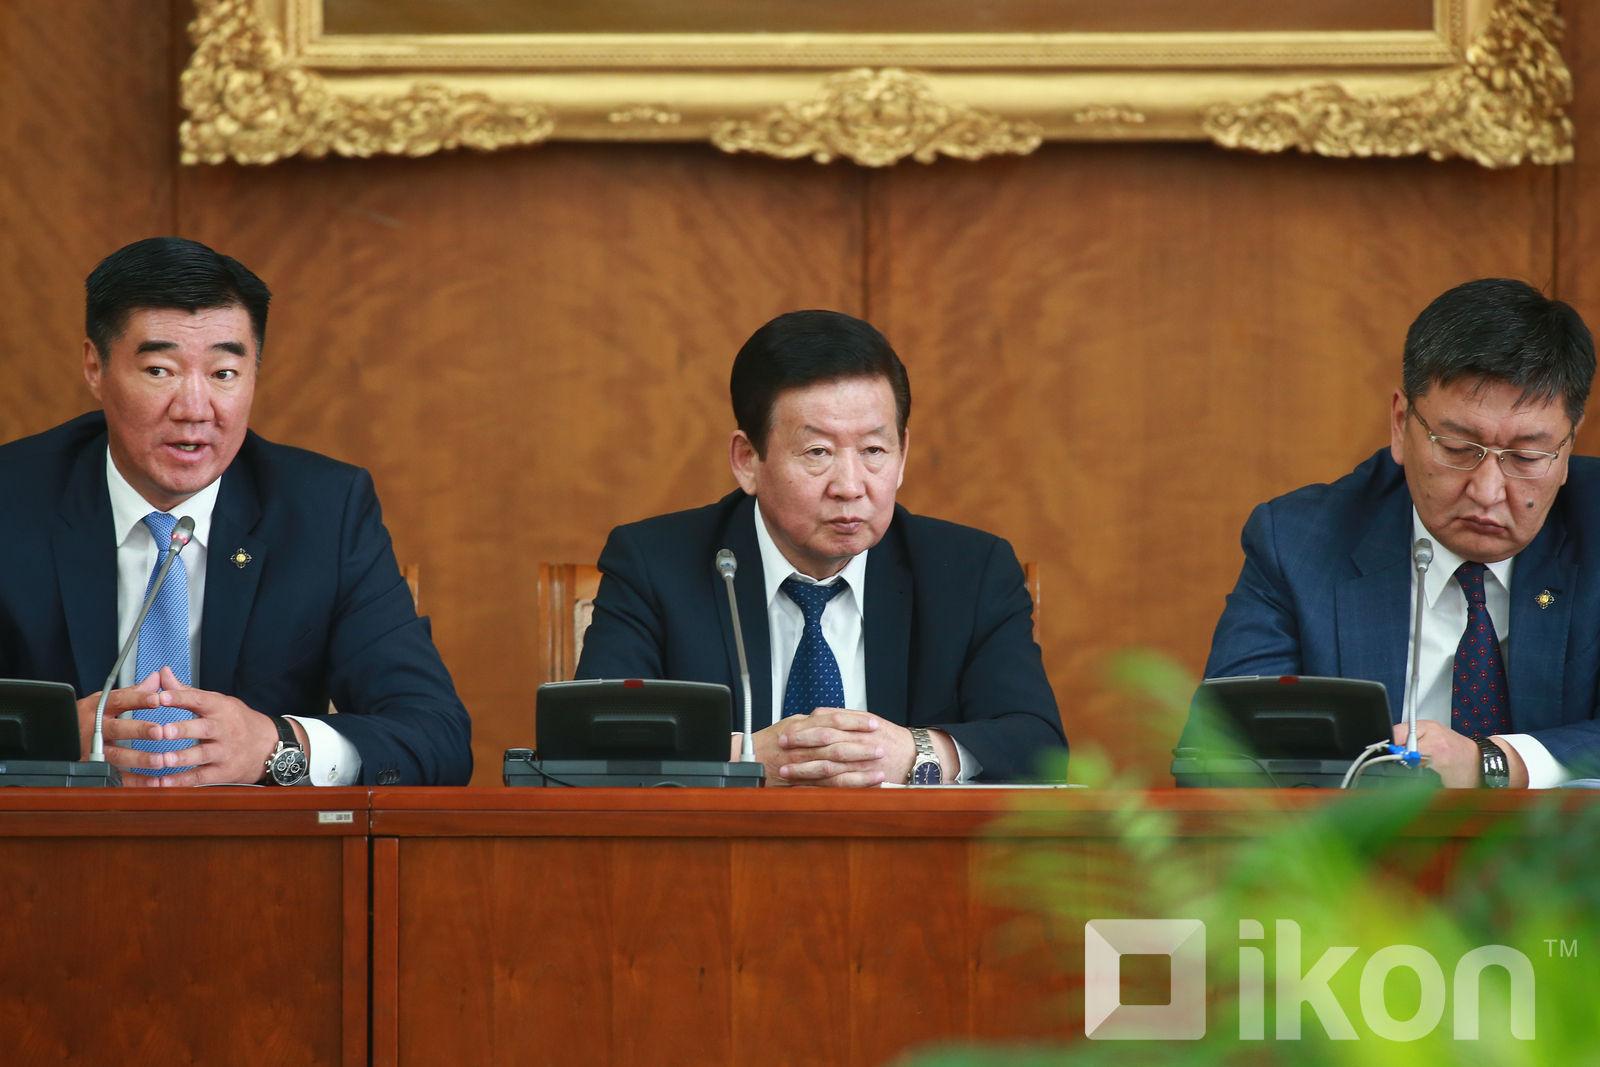 대통령 임기 6년, 연임제 폐지안을 헌법 개정안에 포함.jpg